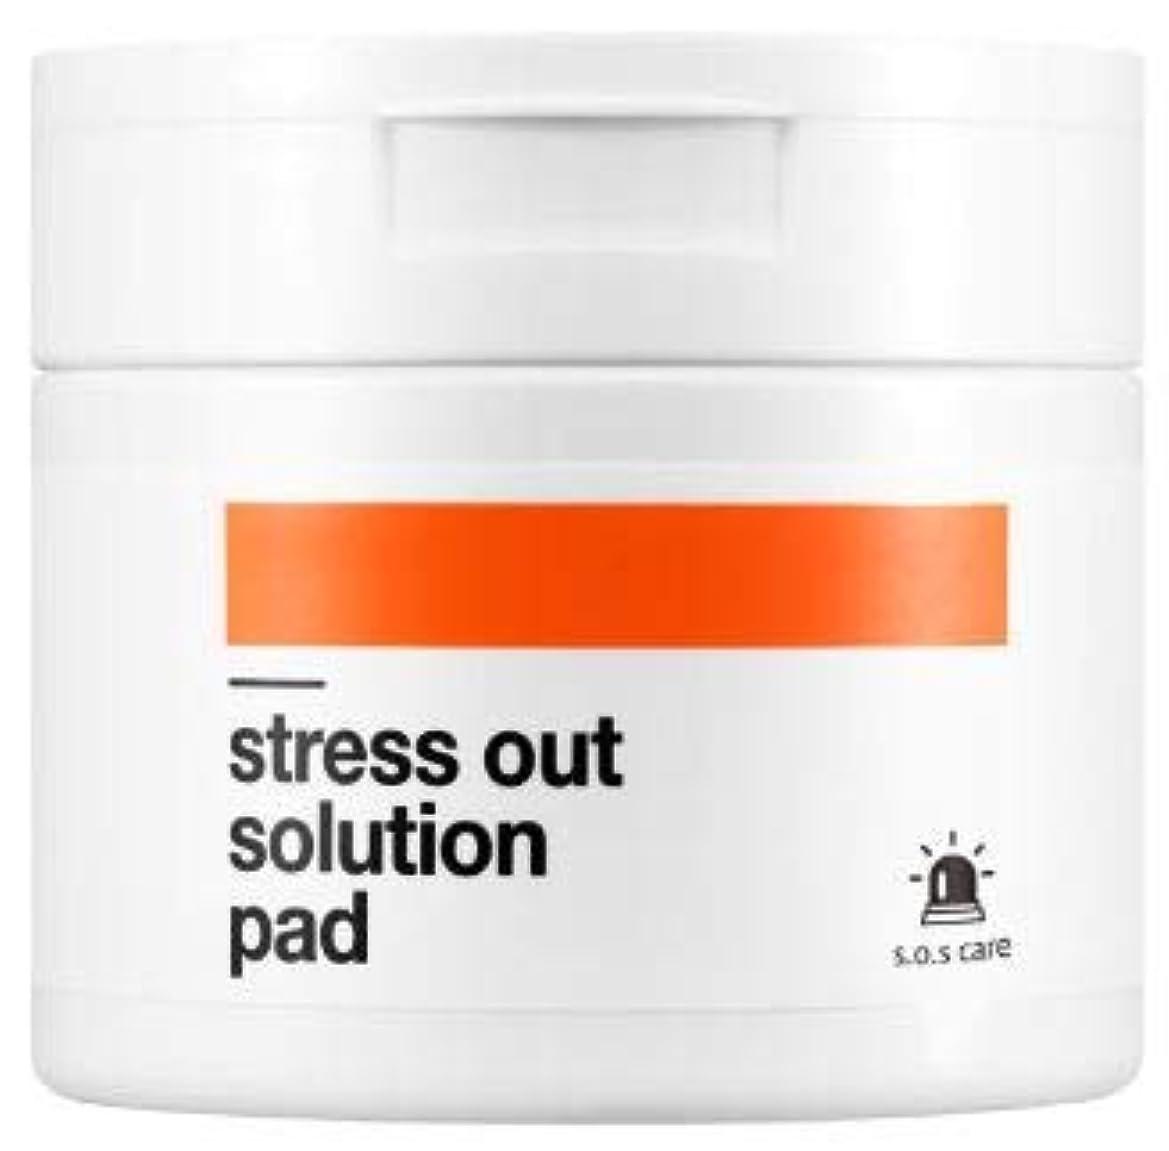 牧師恩恵ジョットディボンドン[BELLAMONSTER]? Stress out solution pad #carrot / [ベラモンスター] ストレスアウト ソリューションパッド#ニンジンパッド [並行輸入品]